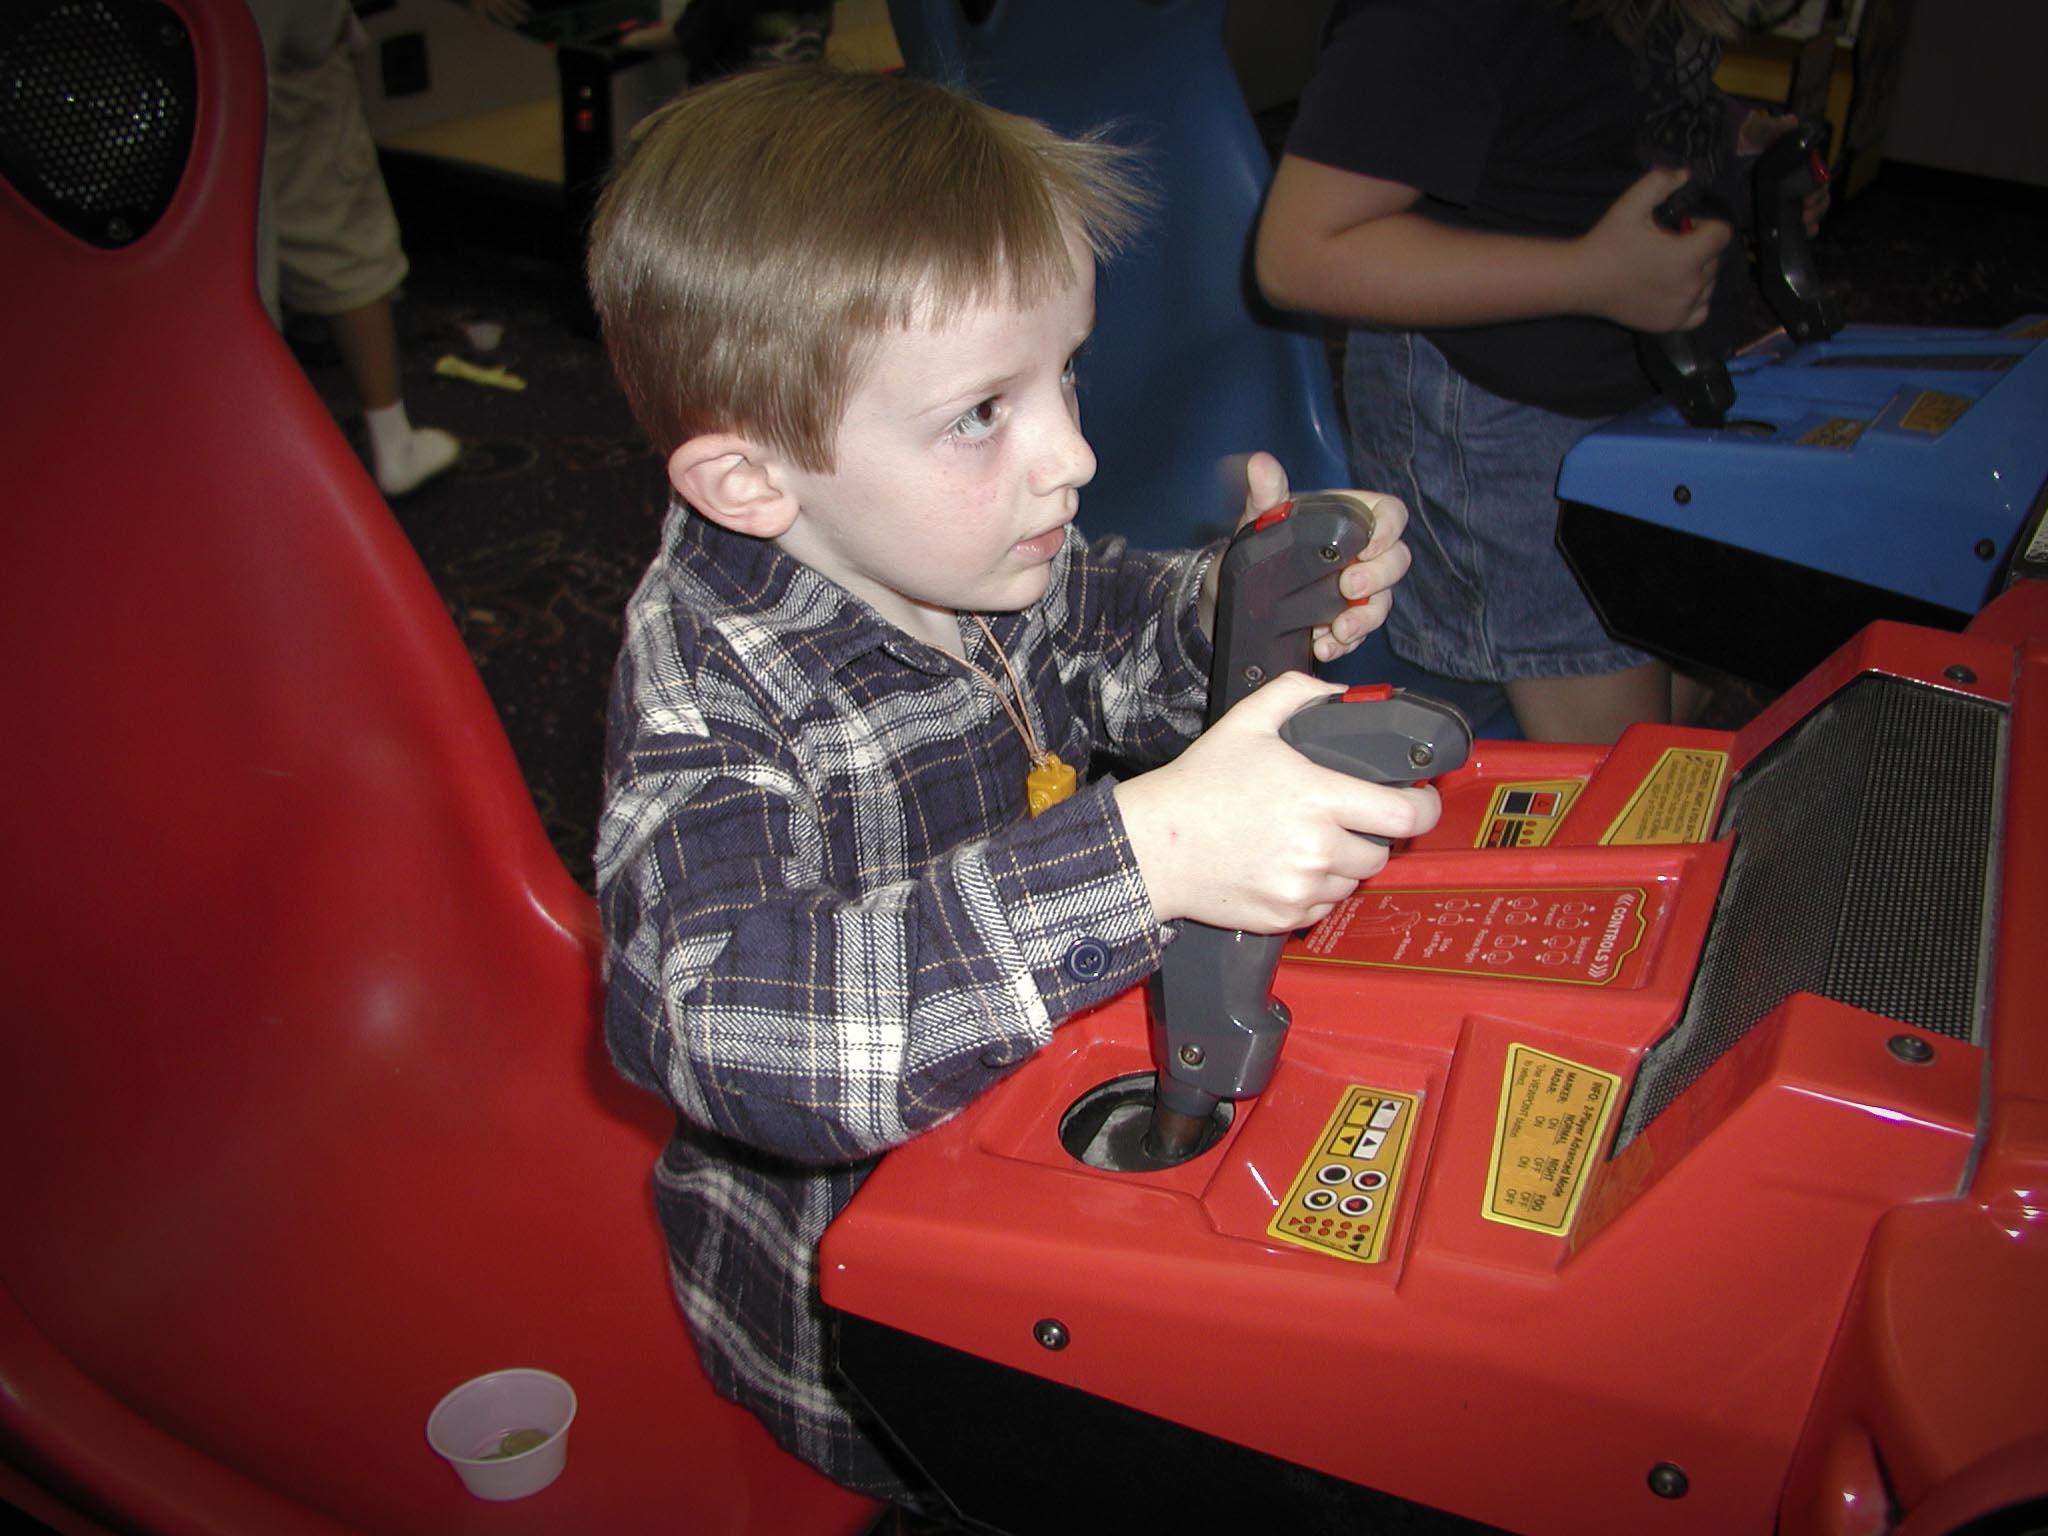 Michael at Arcade